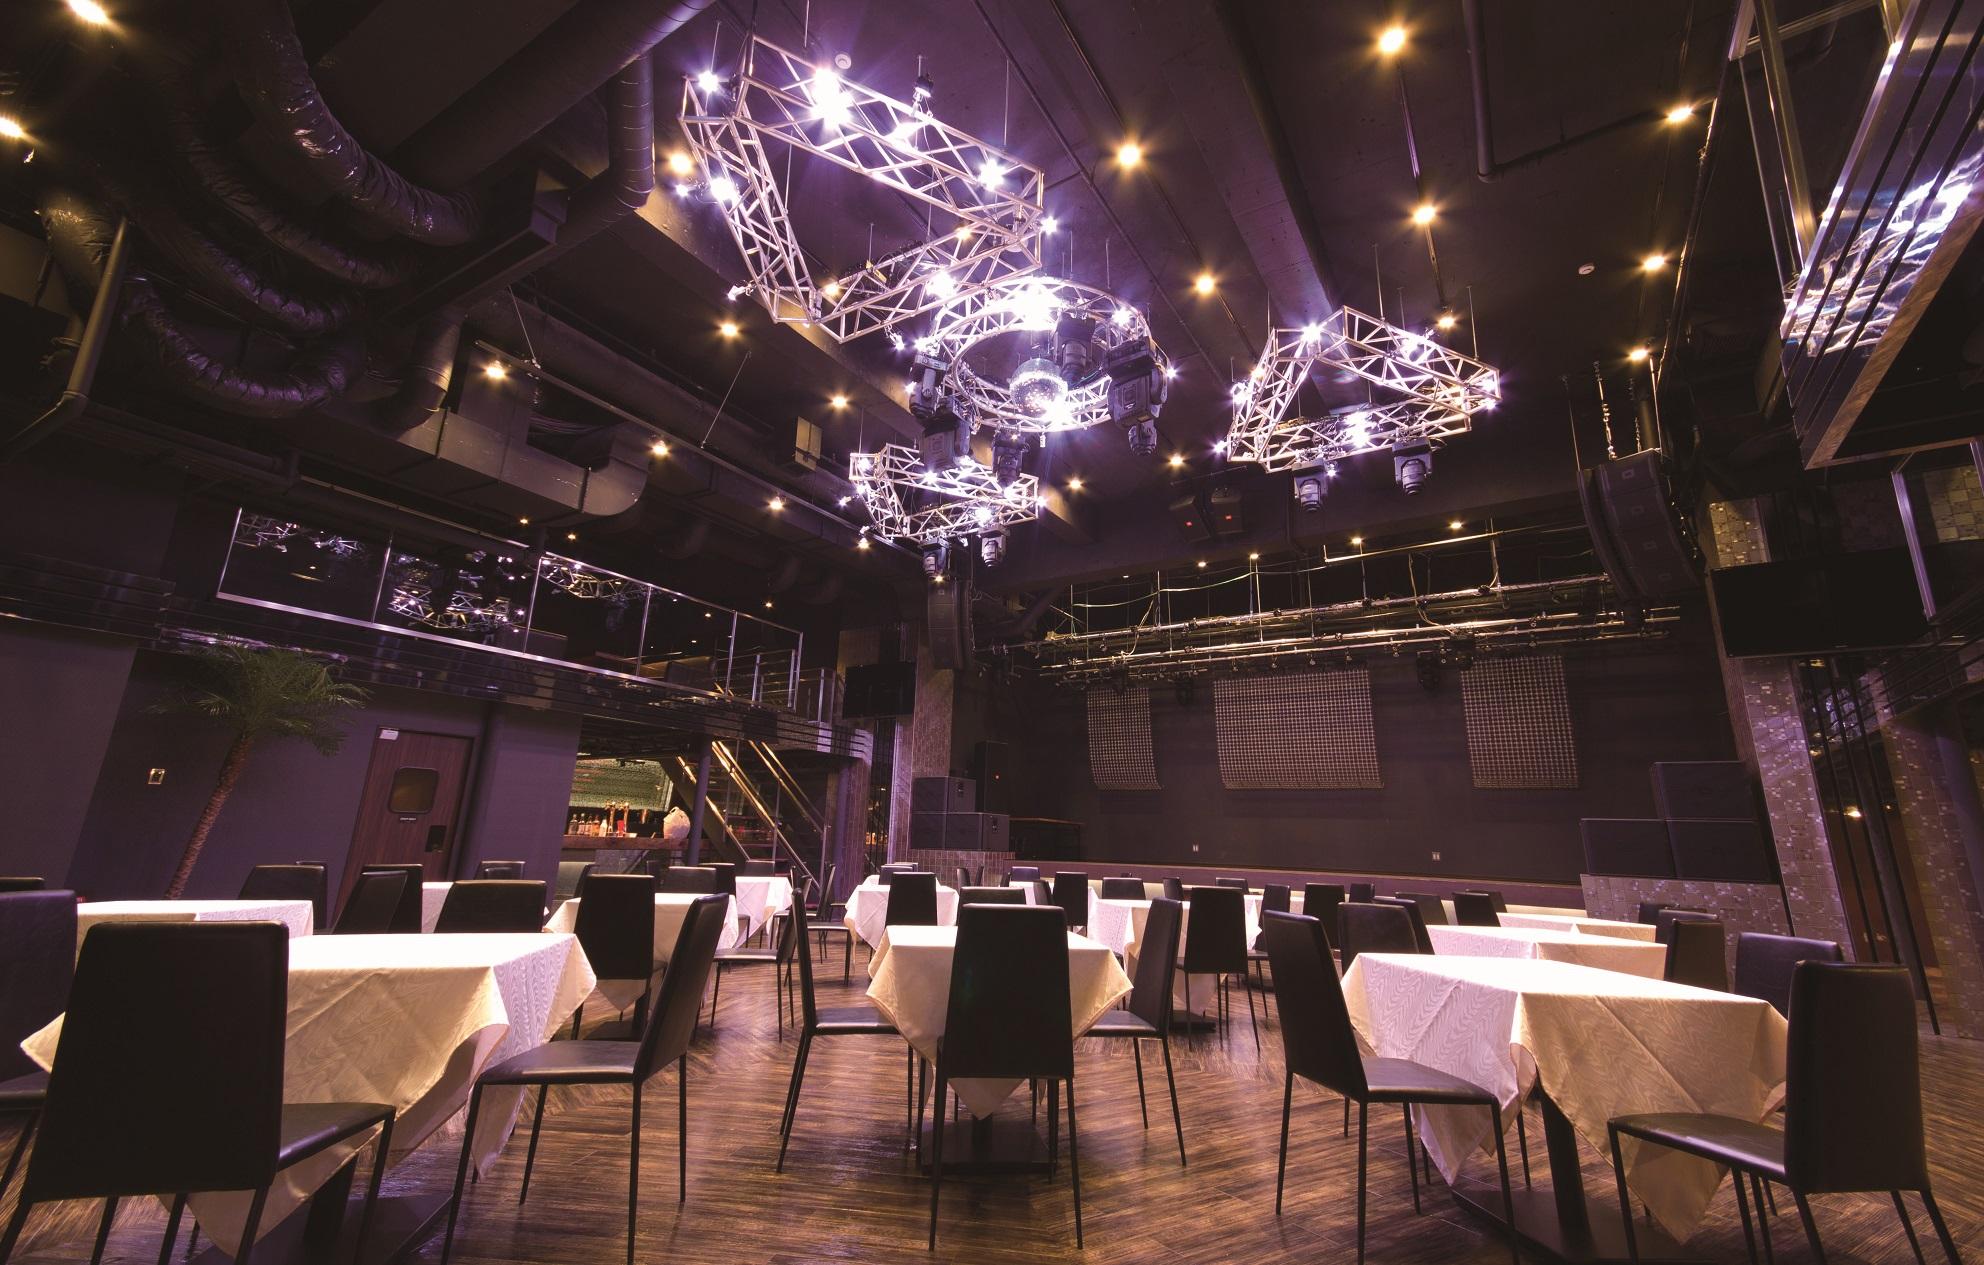 7F PARMS 食事付きのLIVEや、ディナーショーにも最適な会場です。